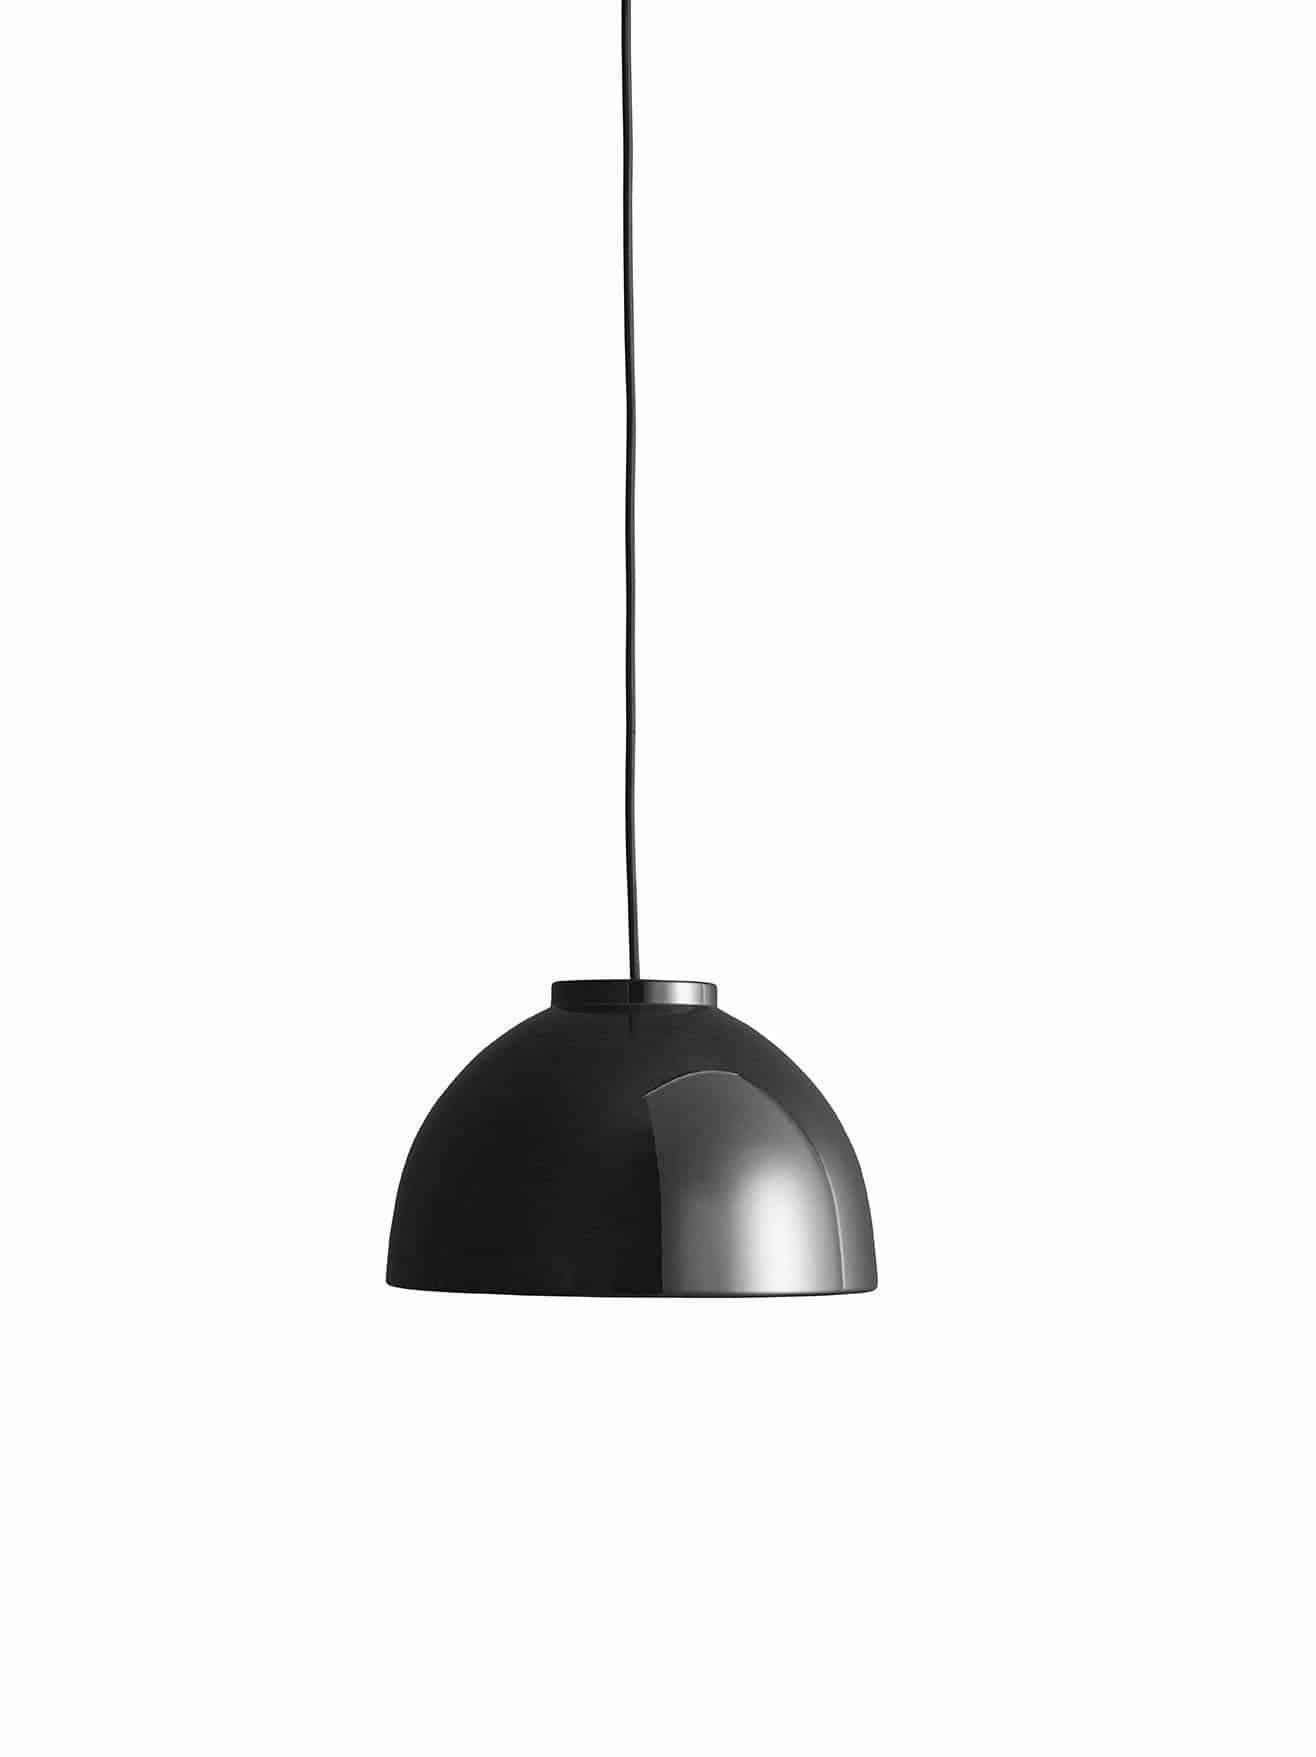 Tine Lampen er designet i 2009 af Jens-Christian Jensen. Lampen er håndlavet i optrykt aluminium